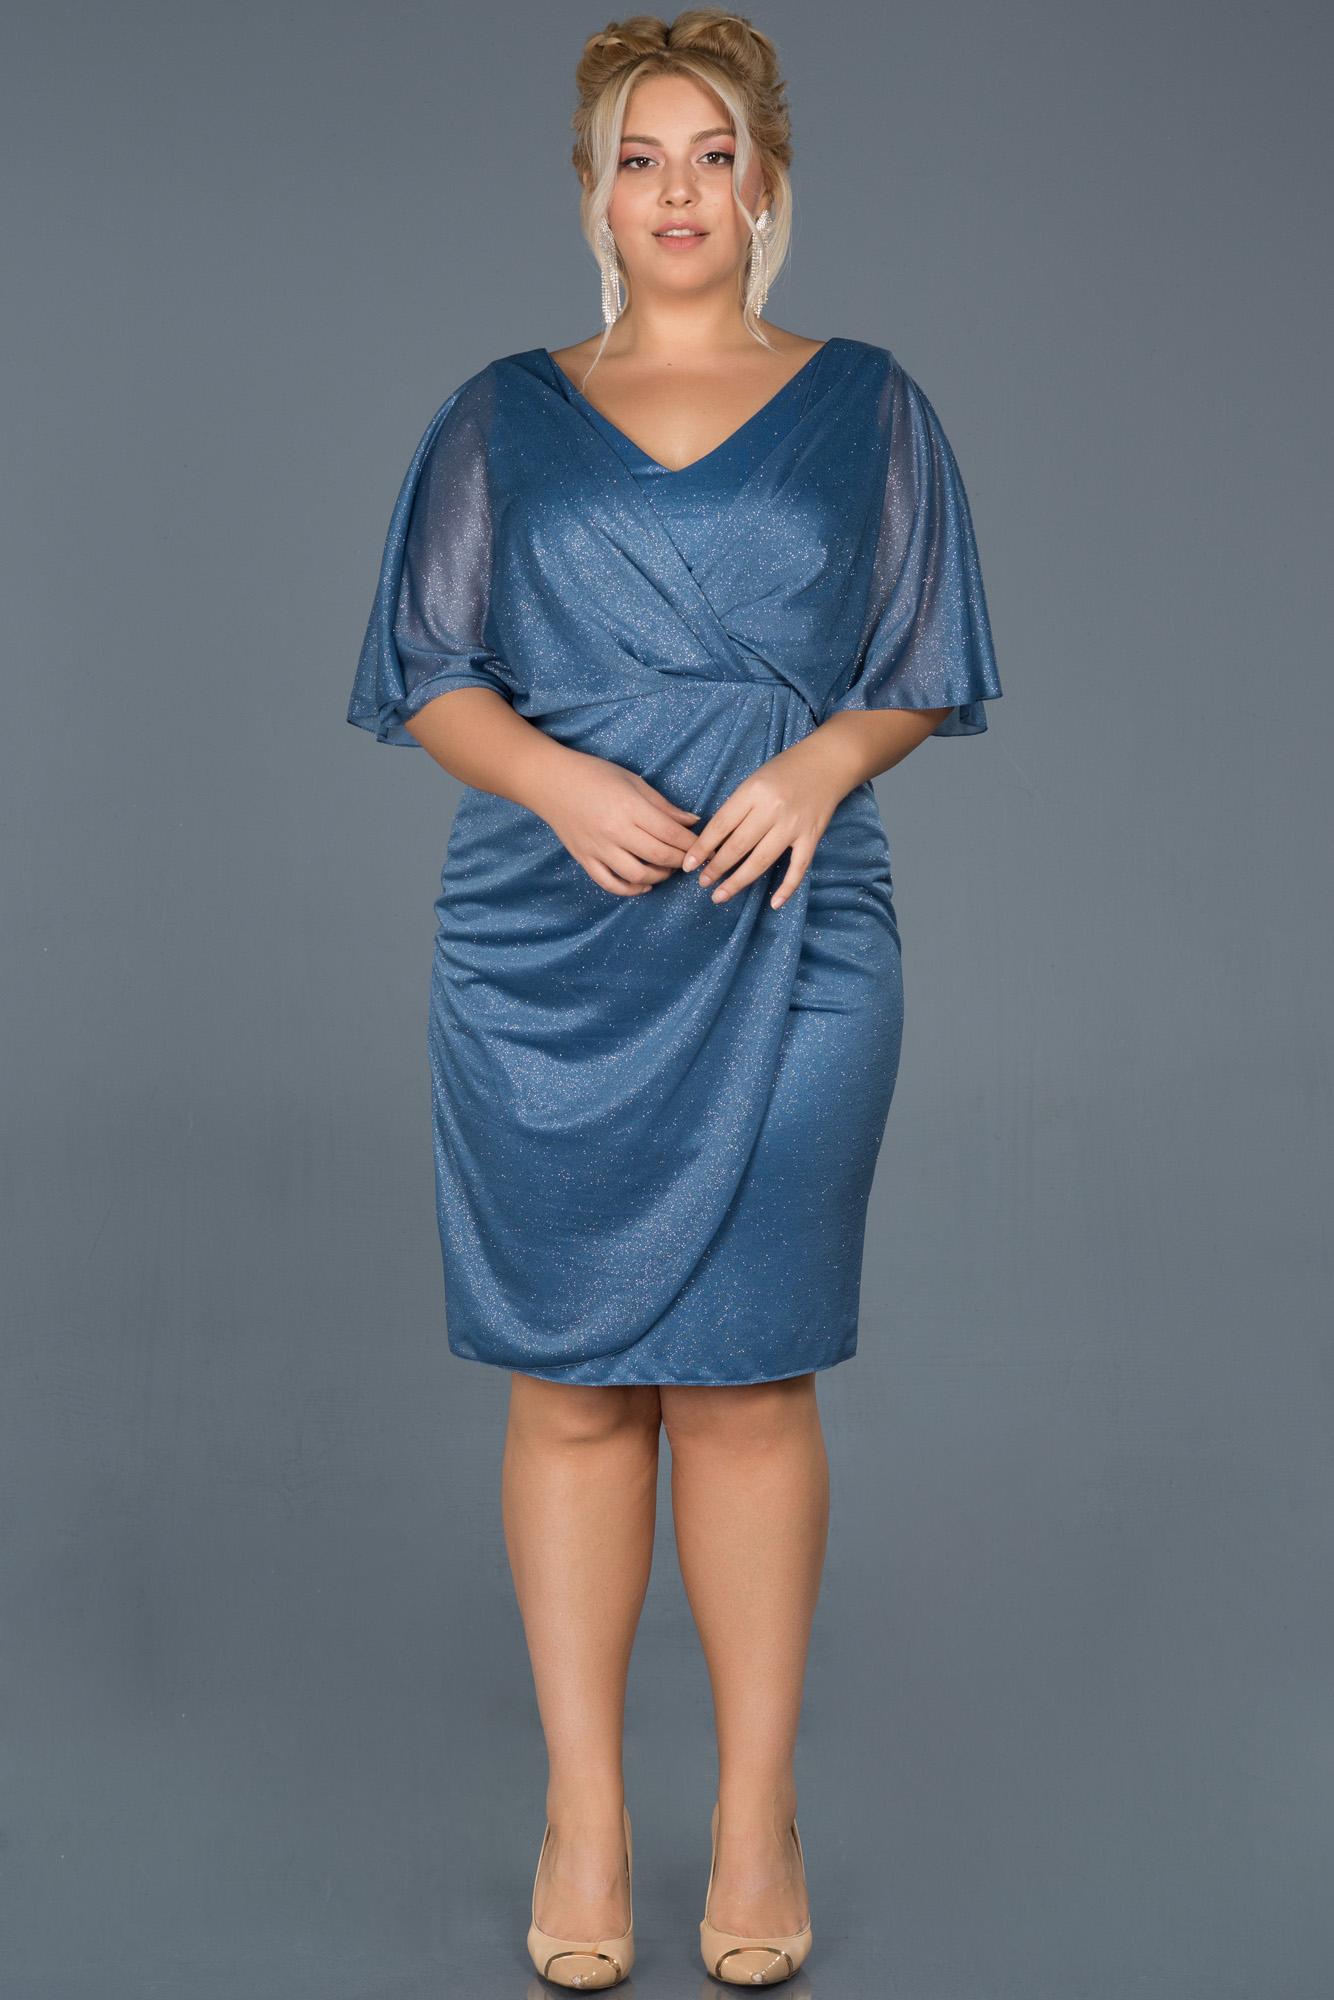 Indigo Kısa Simli Yarım Kol Davet Elbisesi